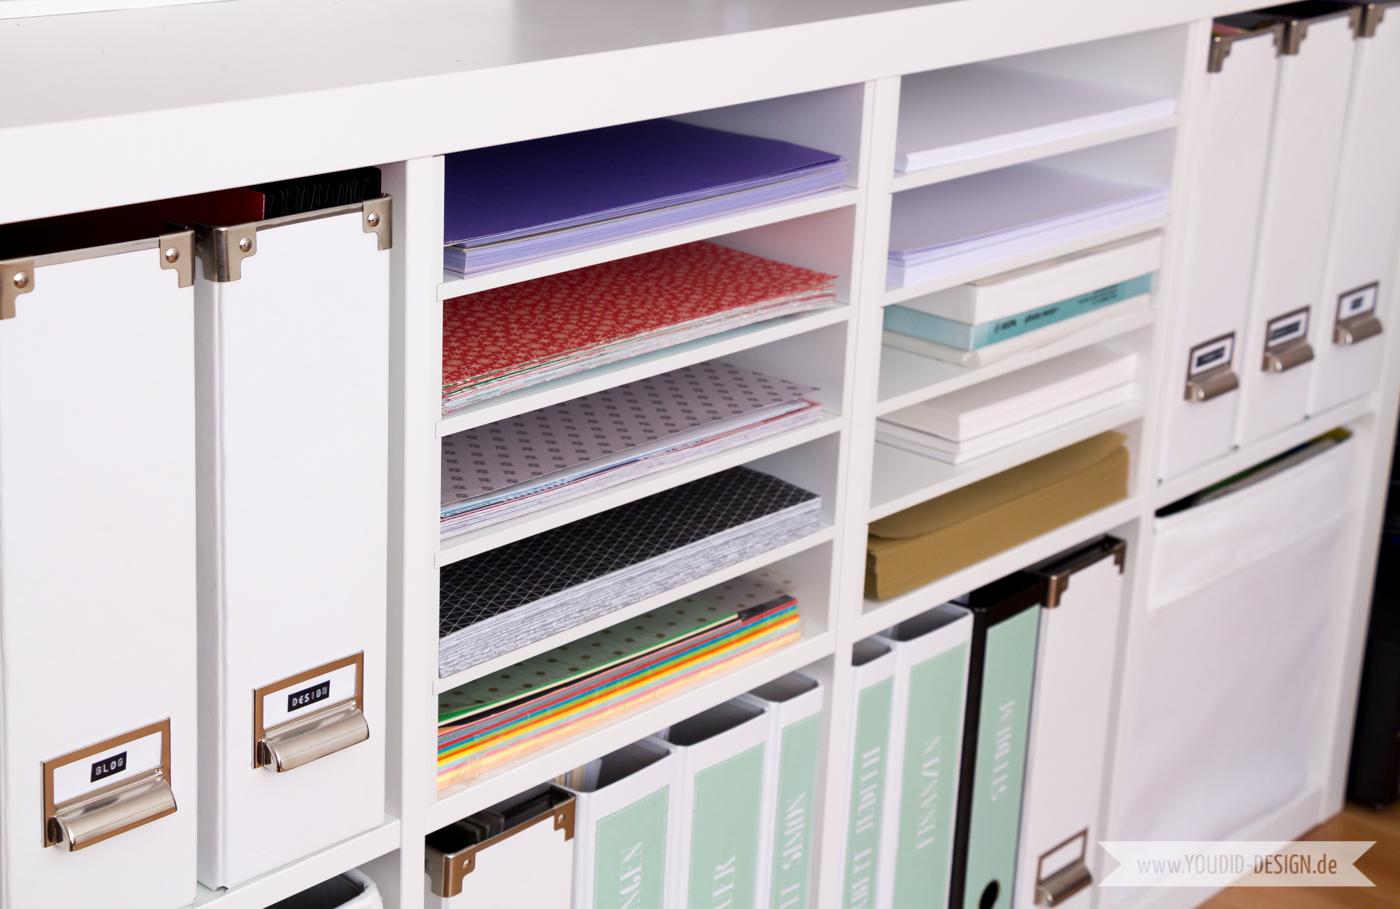 Full Size of Aufbewahrung Fr Scrapbooking Papier Und Washi Tape Ikea Hack Küche Kosten Aufbewahrungsbox Garten Aufbewahrungsbehälter Sofa Mit Schlaffunktion Modulküche Wohnzimmer Ikea Hacks Aufbewahrung